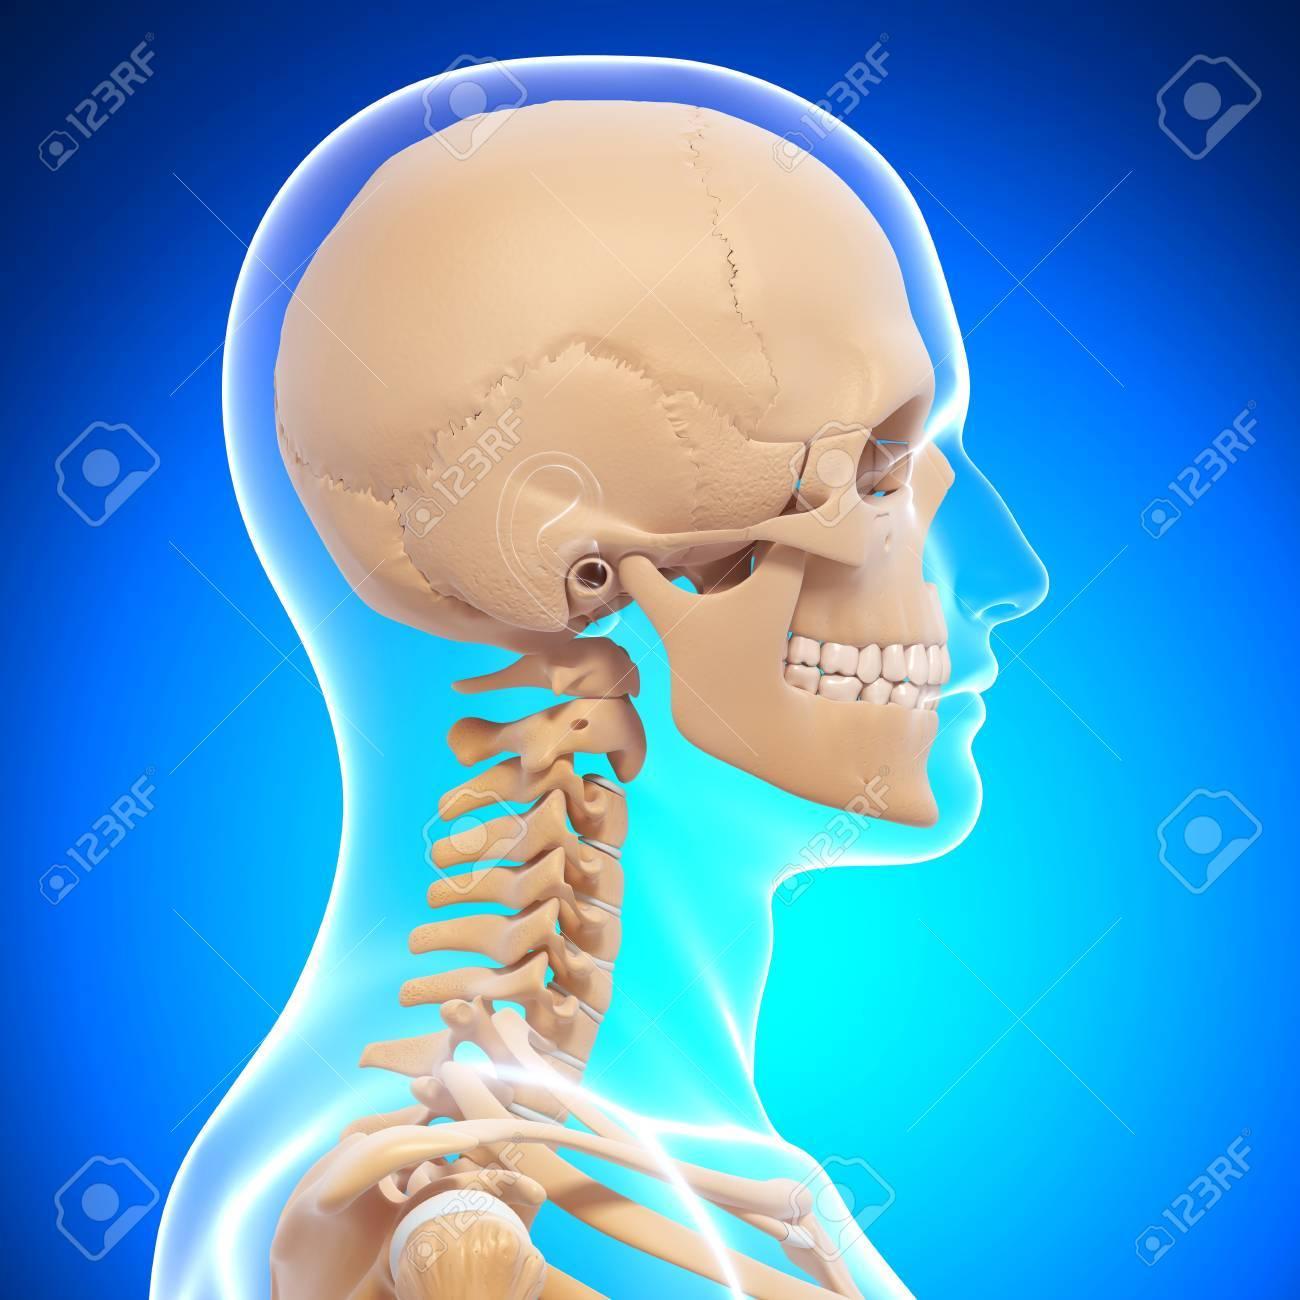 Ilustración De La Vista Lateral Esqueleto Humano Fotos, Retratos ...